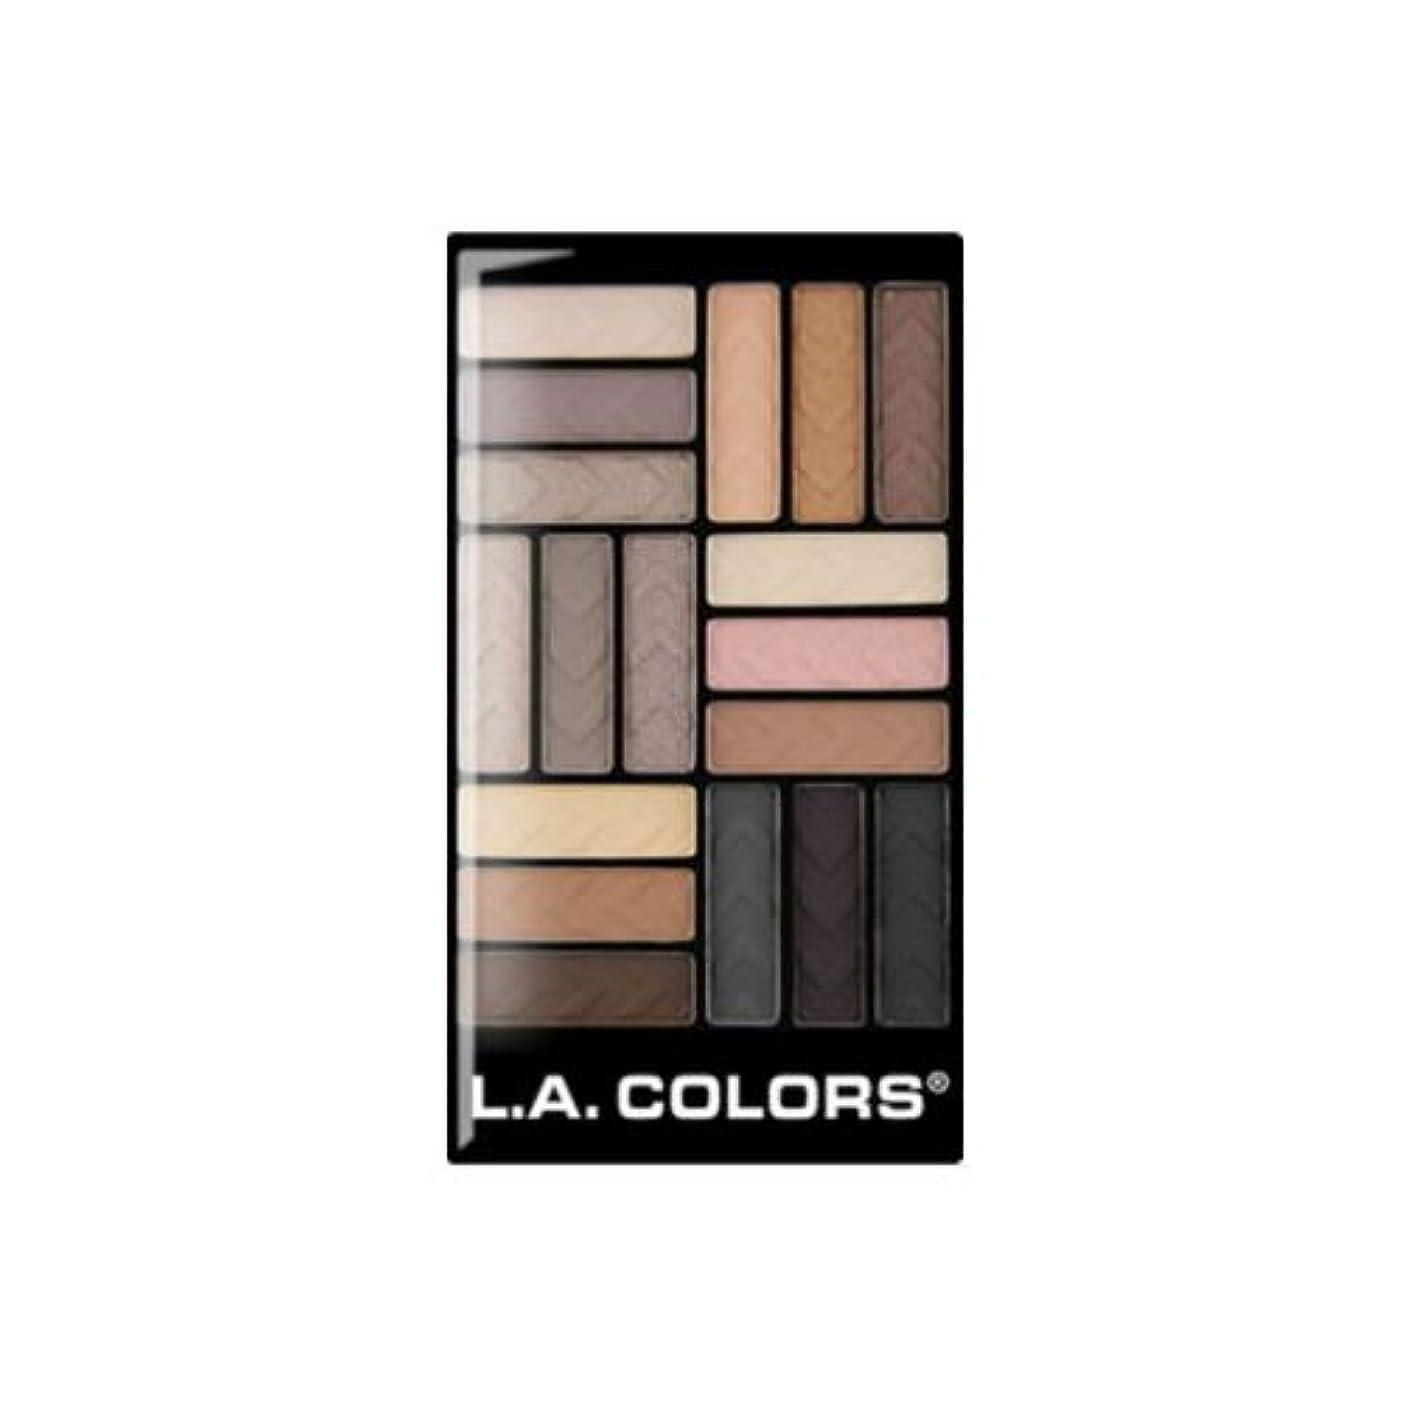 診断するトランペット化合物(3 Pack) L.A. COLORS 18 Color Eyeshadow - Downtown Brown (並行輸入品)